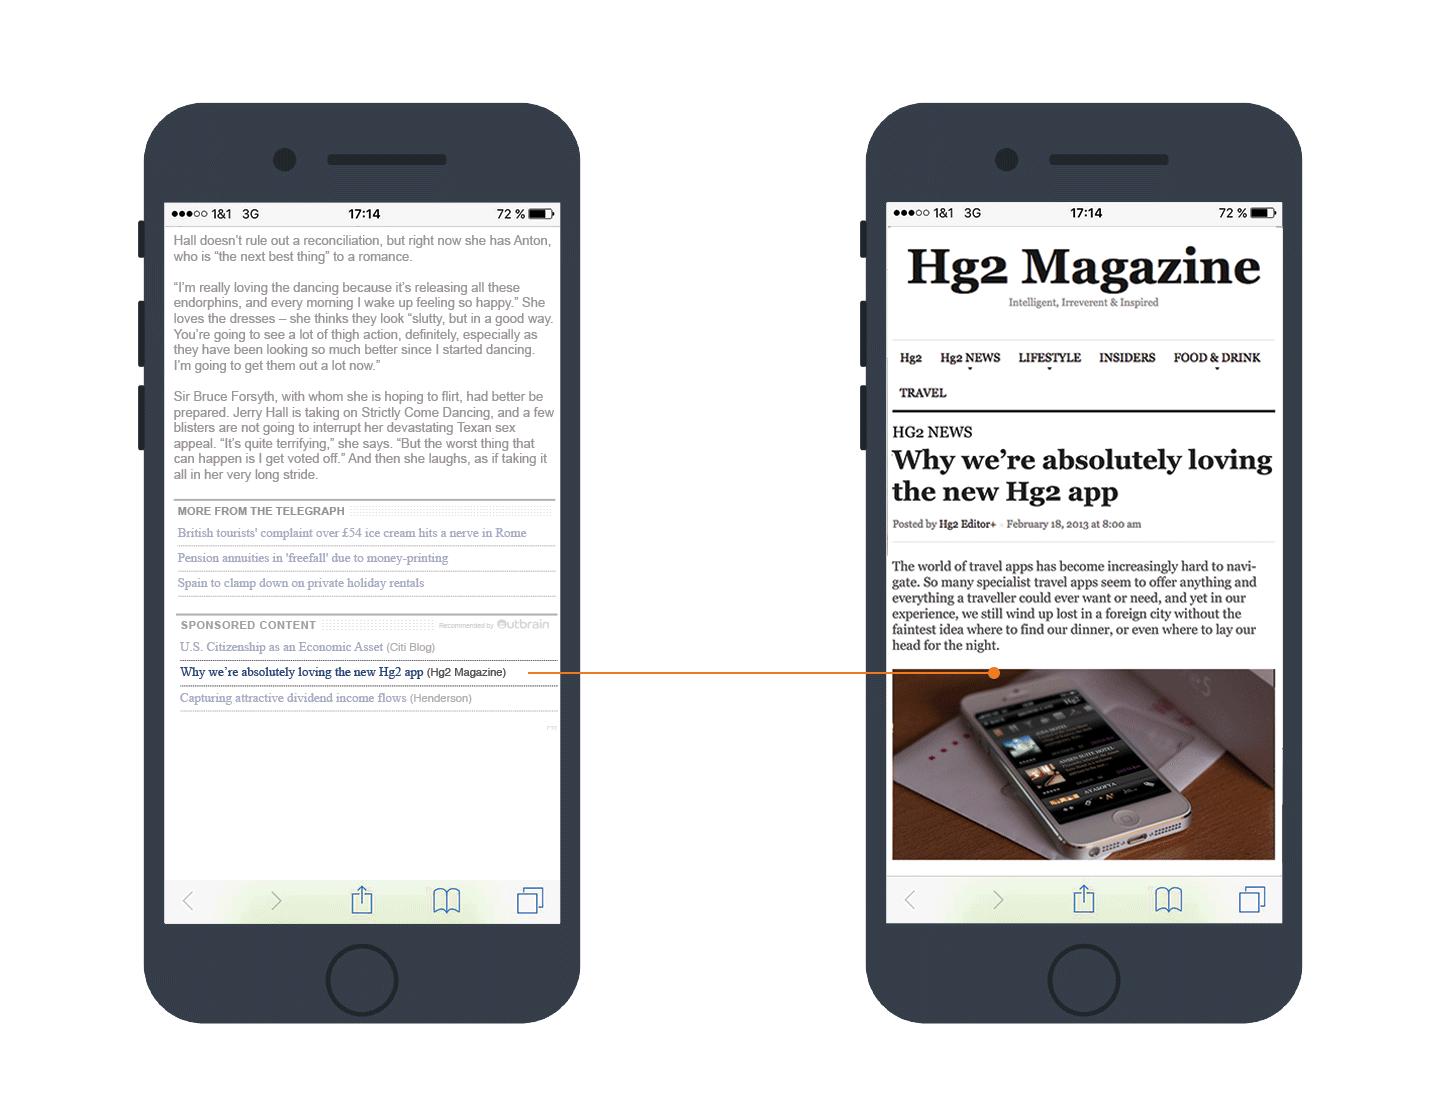 Hg2 magazine